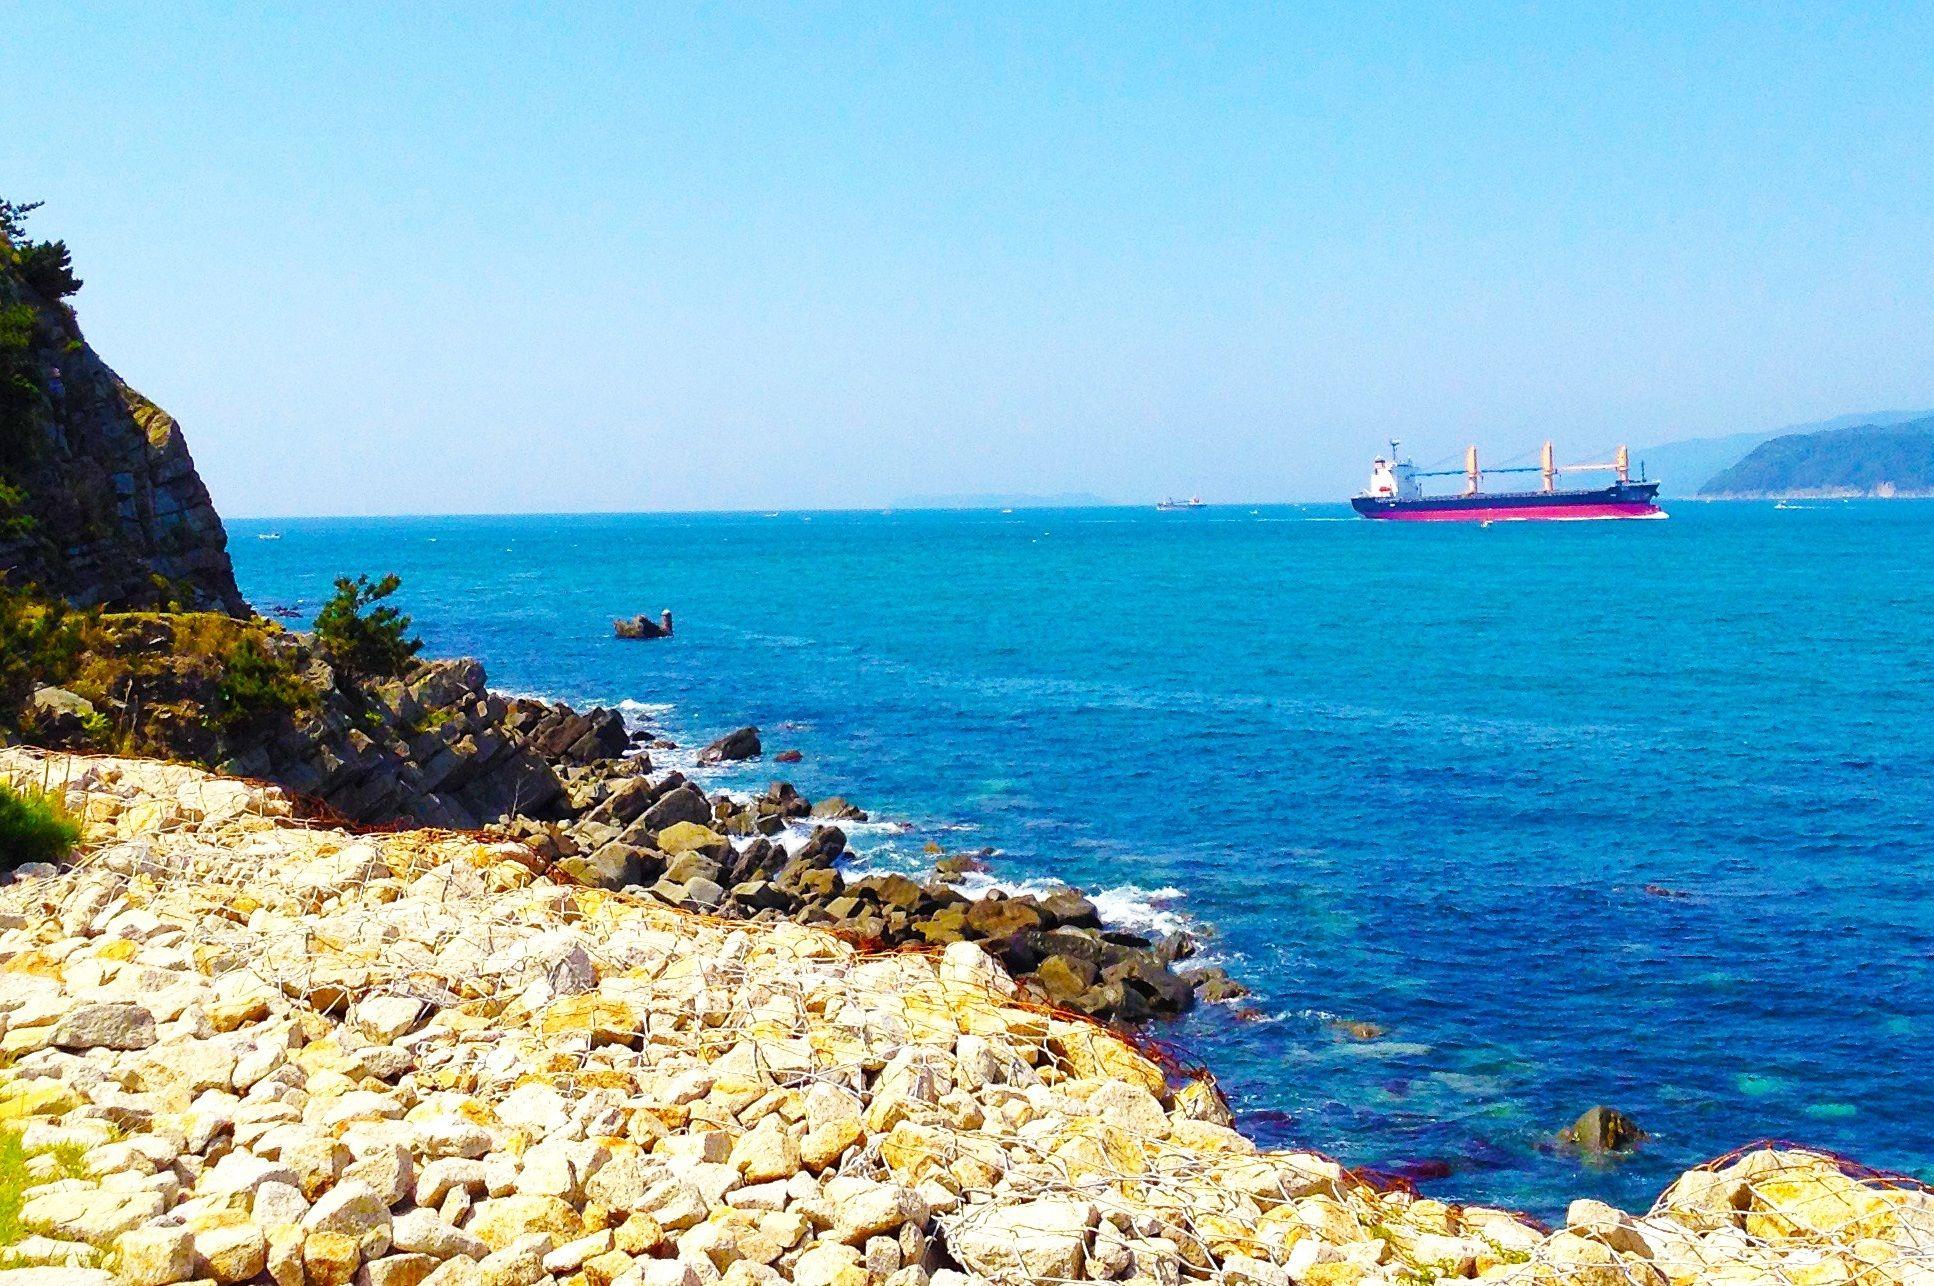 ホルムズ海峡を通過するタンカーが節税商品になる「からくり」 目を光らす国税庁